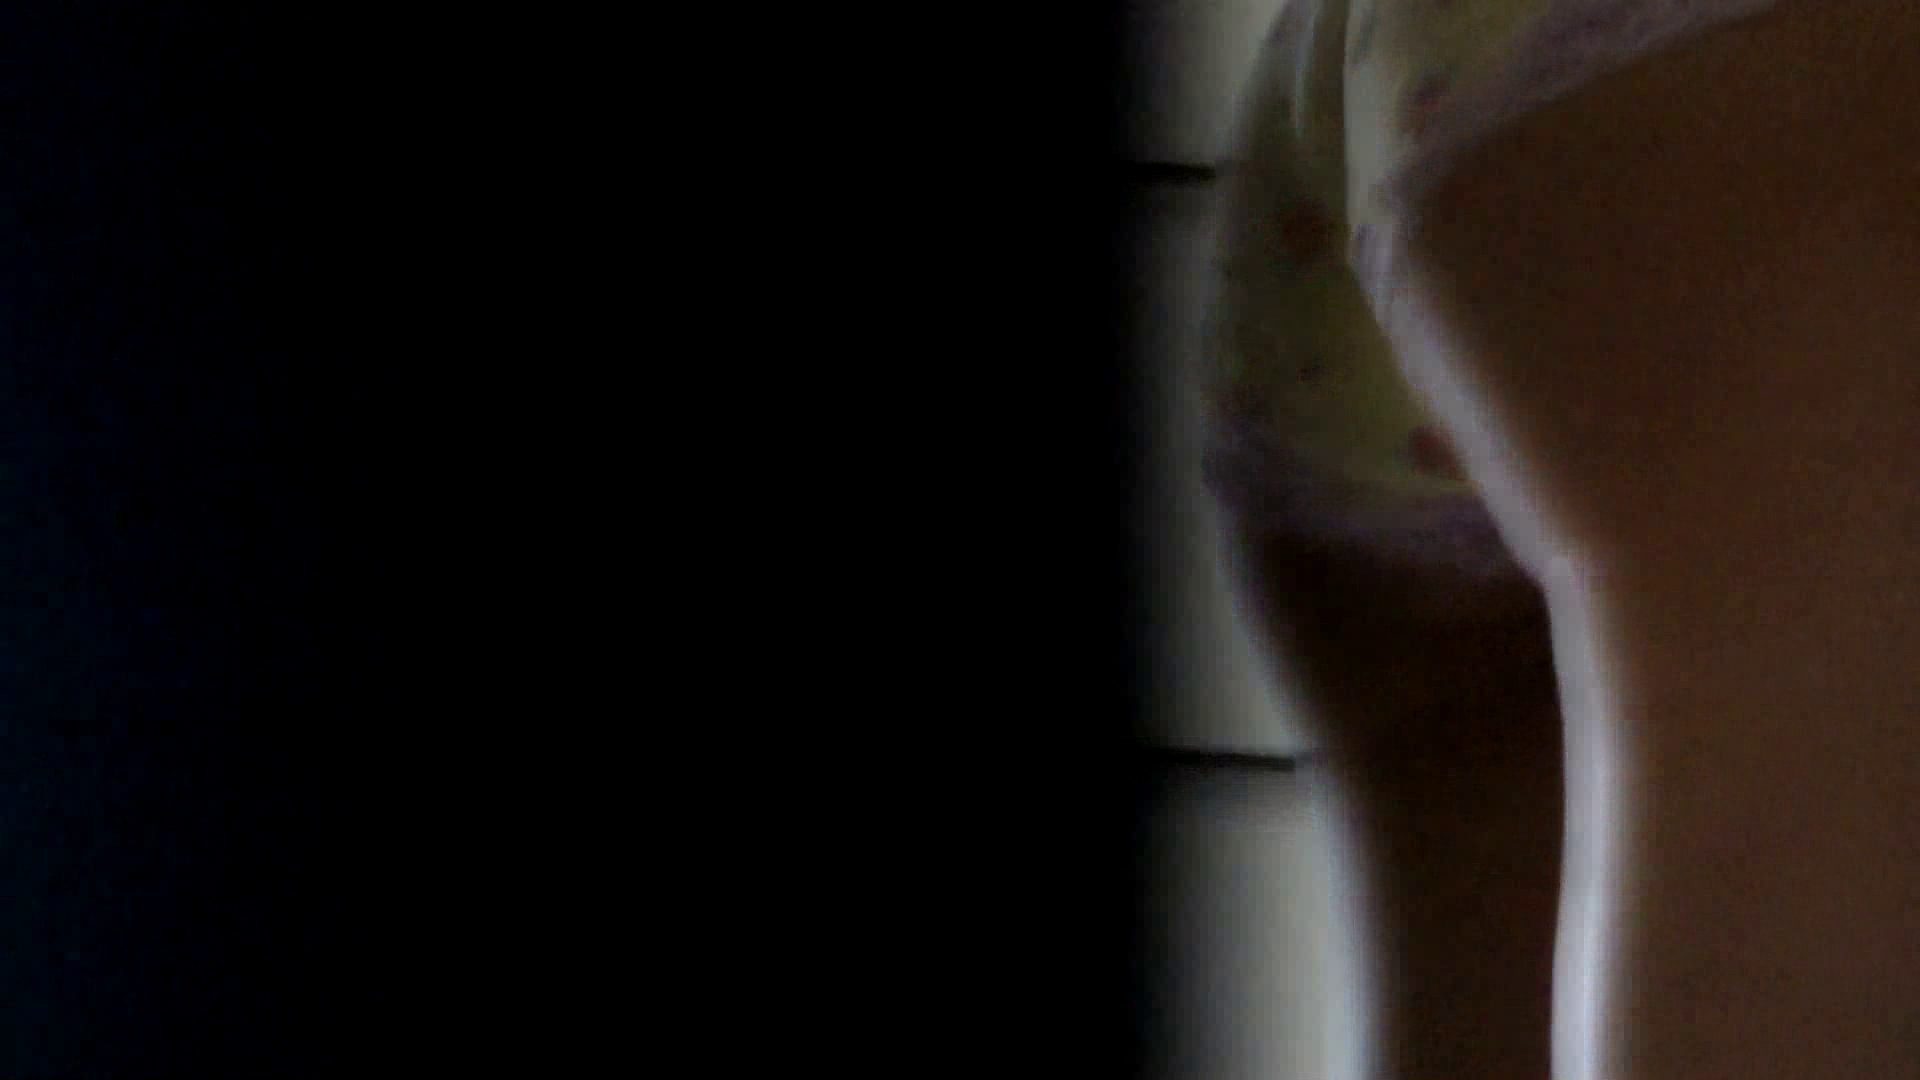 リアル盗撮 清楚なお女市さんのマル秘私生活② 盗撮エロすぎ   美女達のヌード  53連発 13